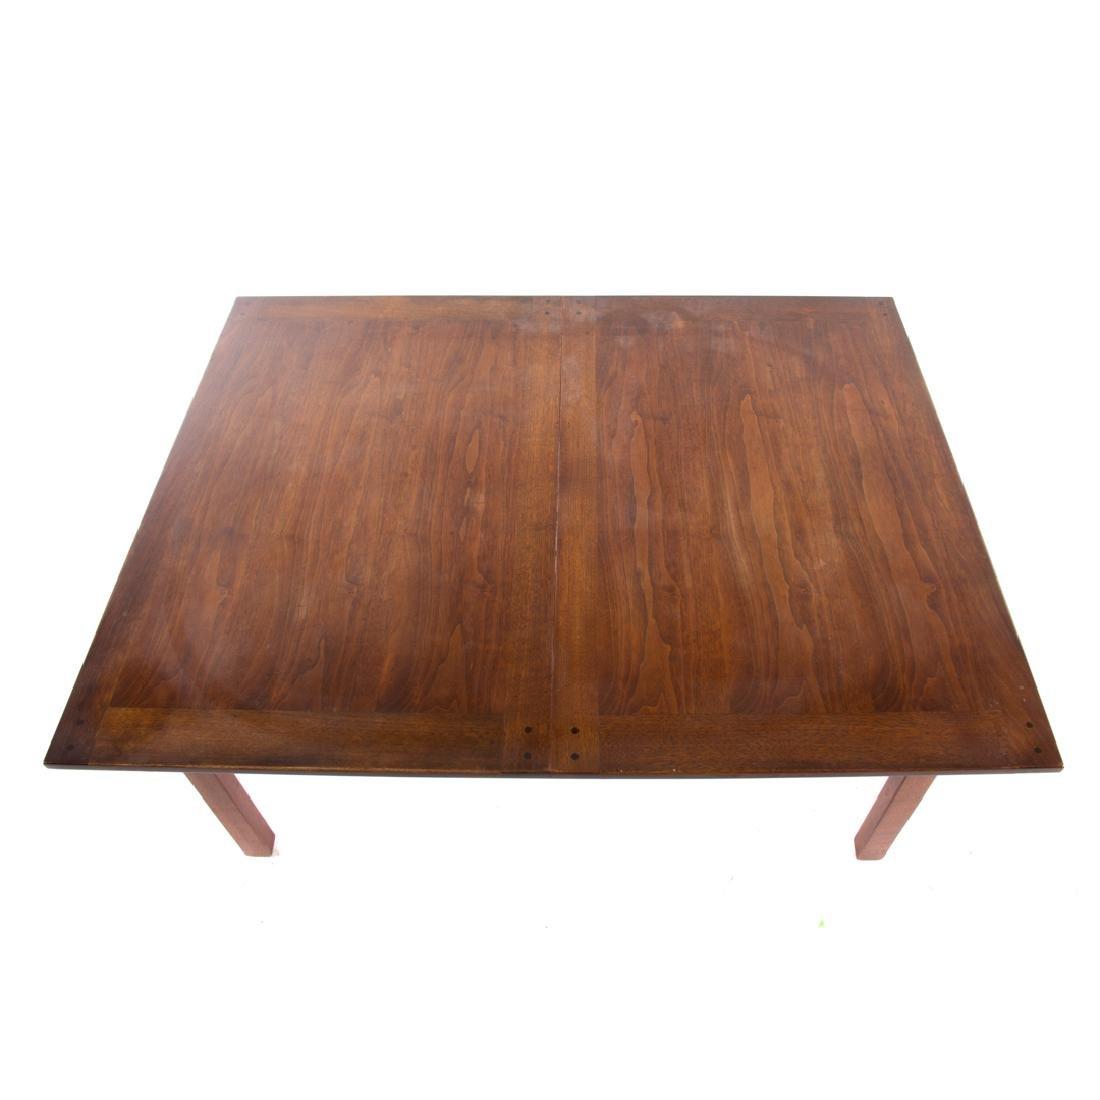 Dunbar contemporary walnut dining table - 4